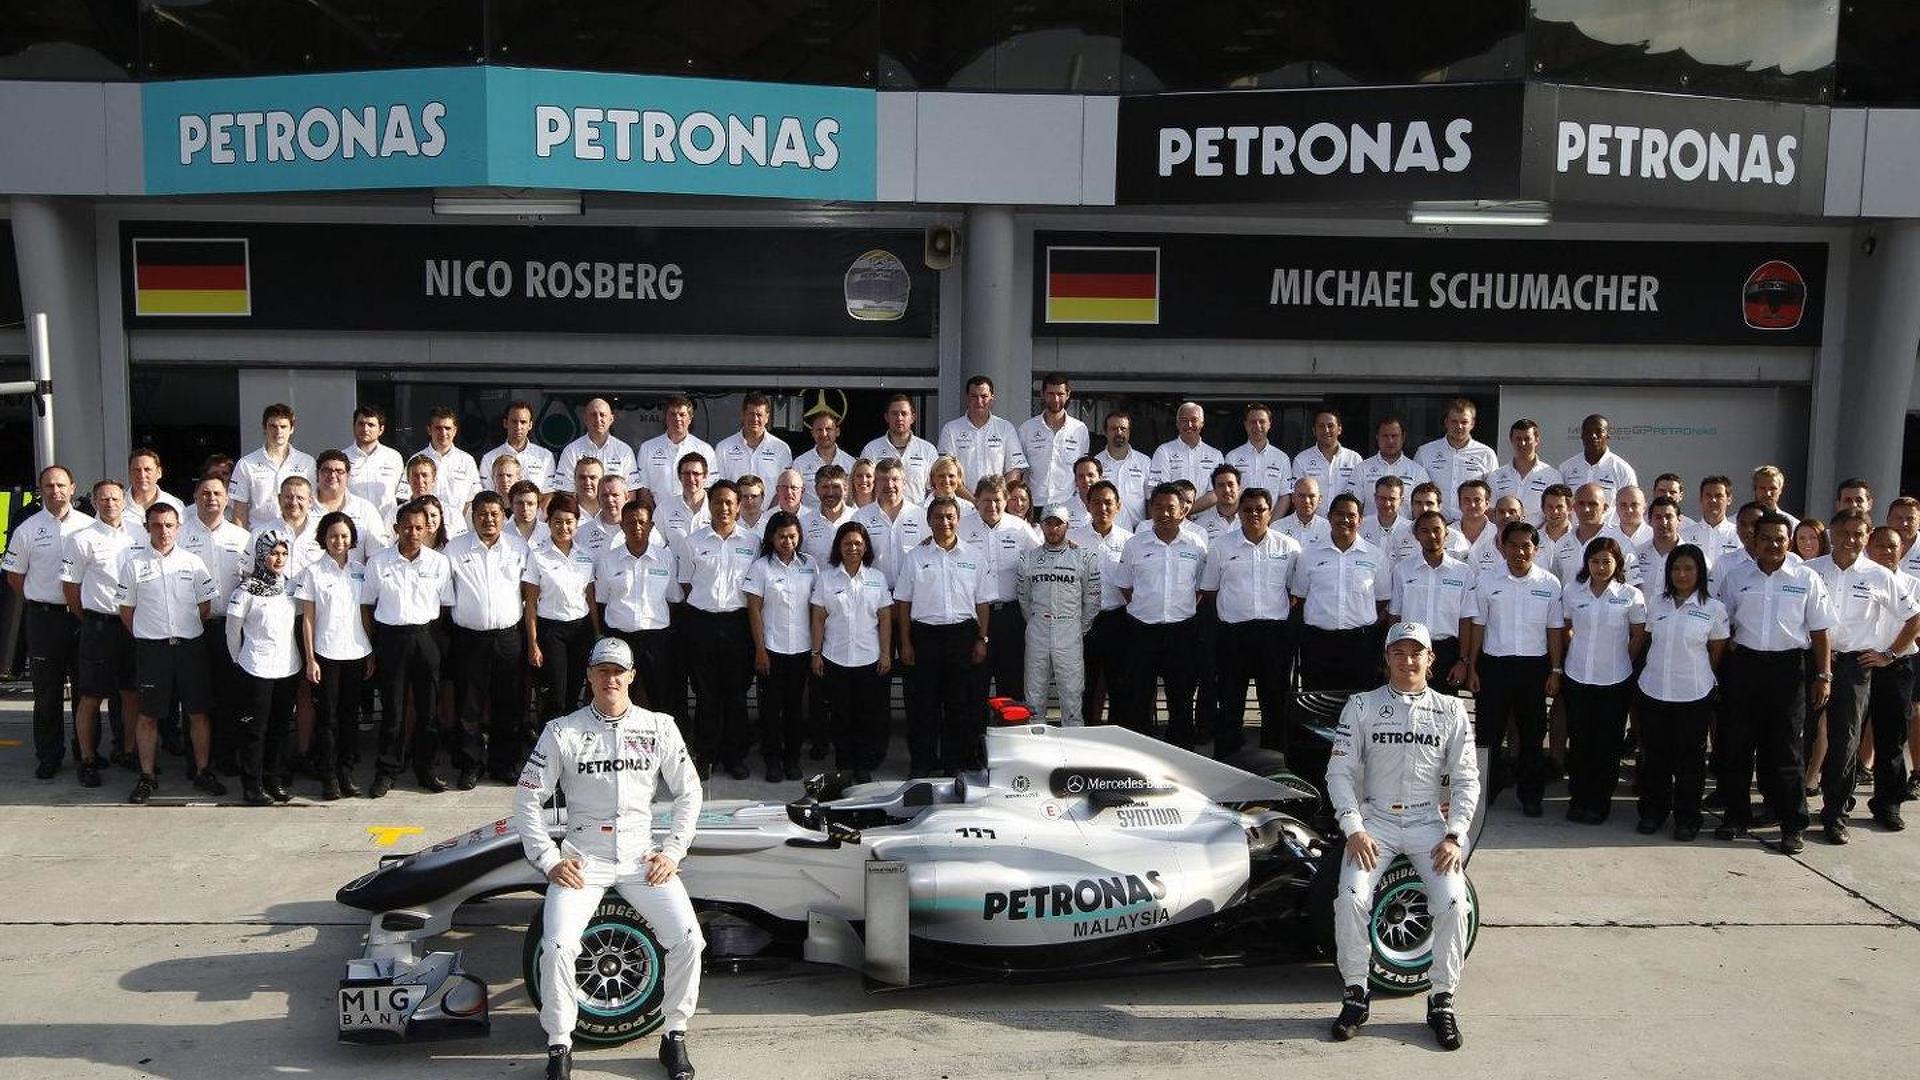 No Mercedes engineers leaving team - Brawn